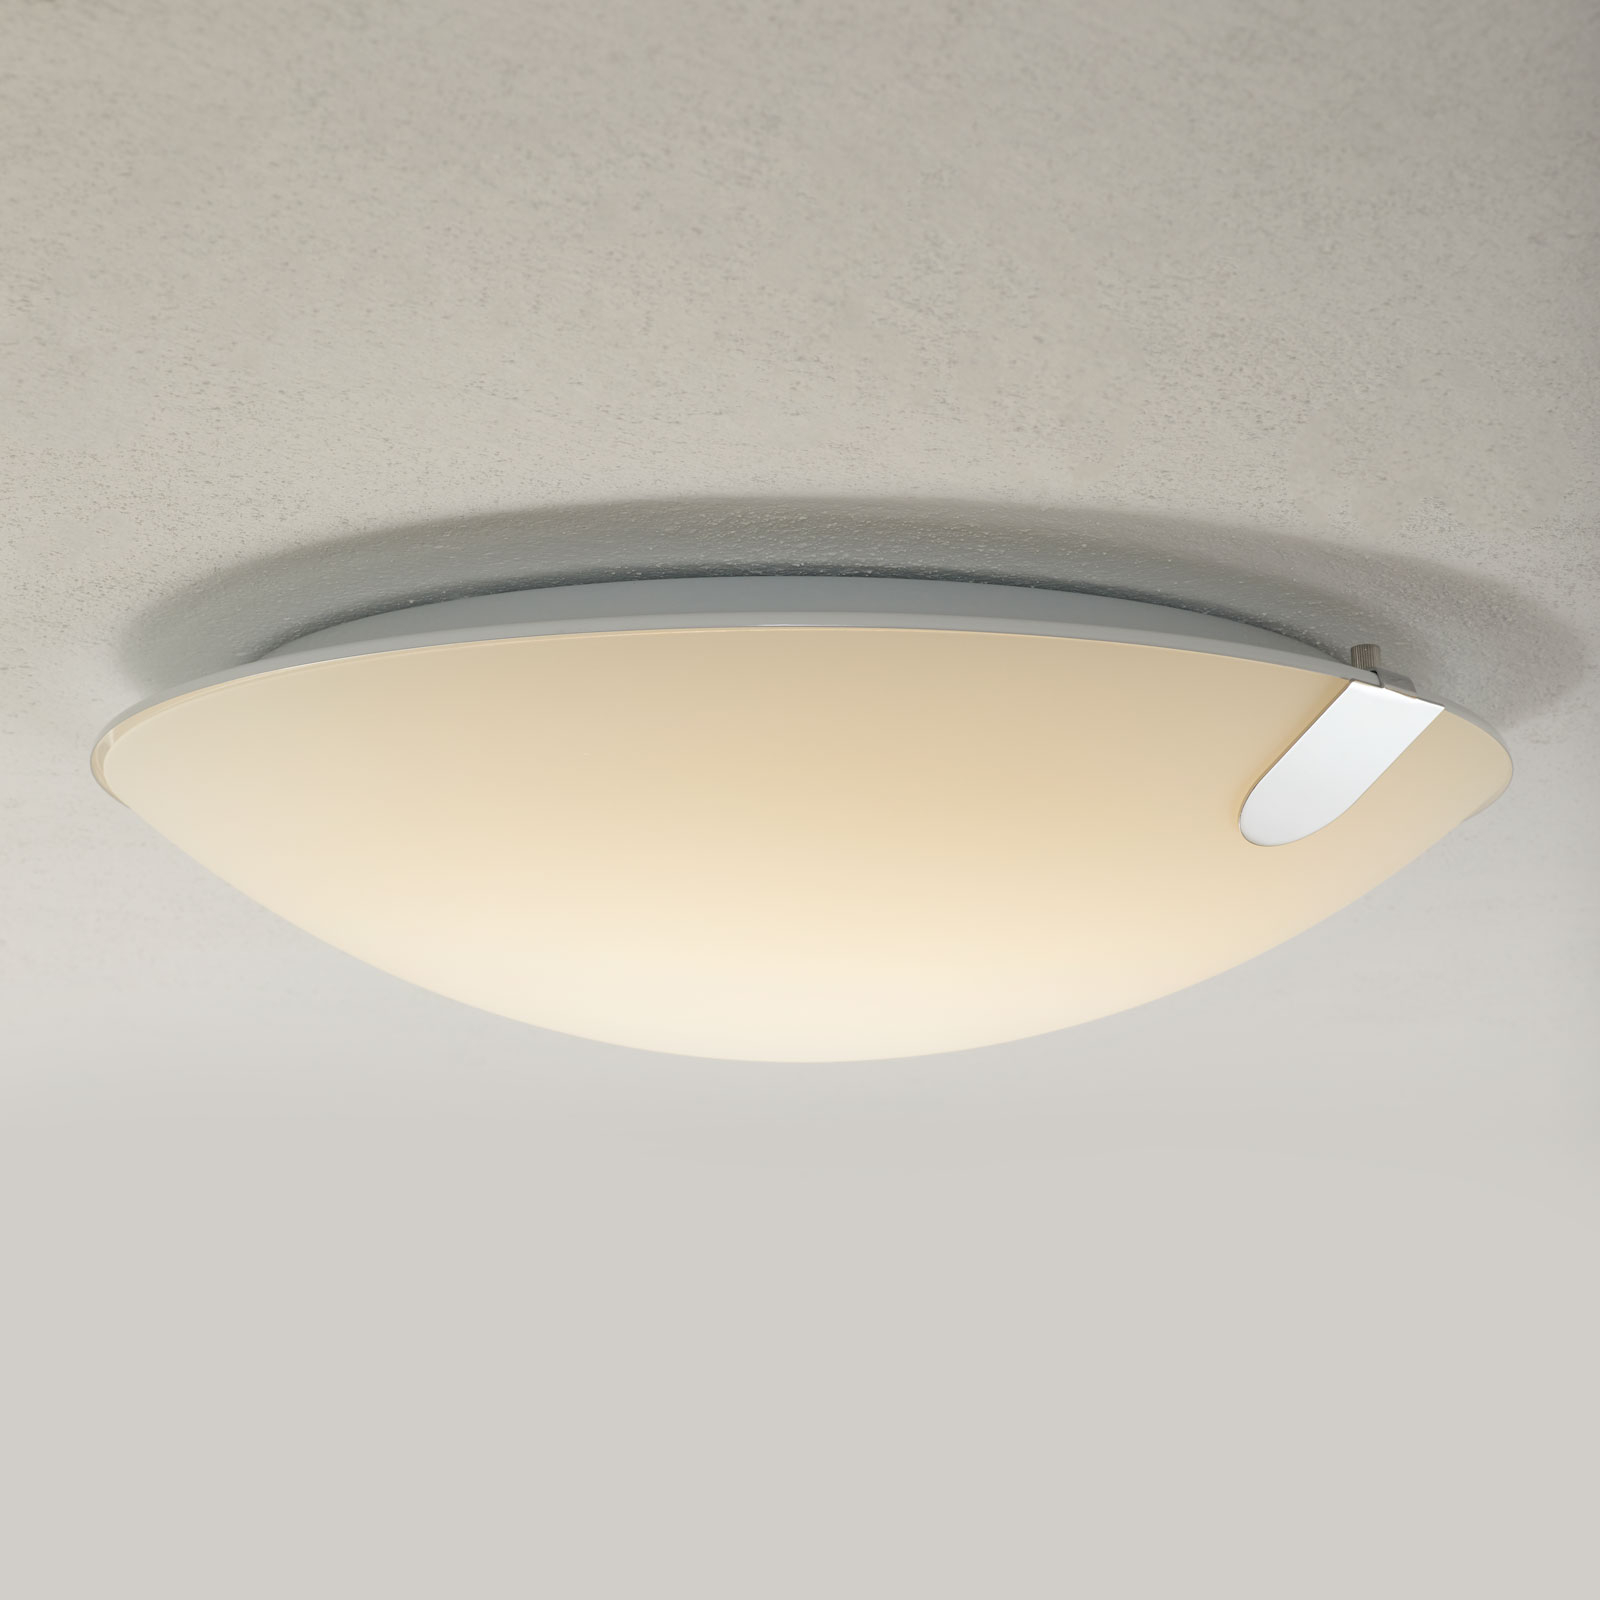 Arcchio Telie LED plafondlamp Ø 50 cm